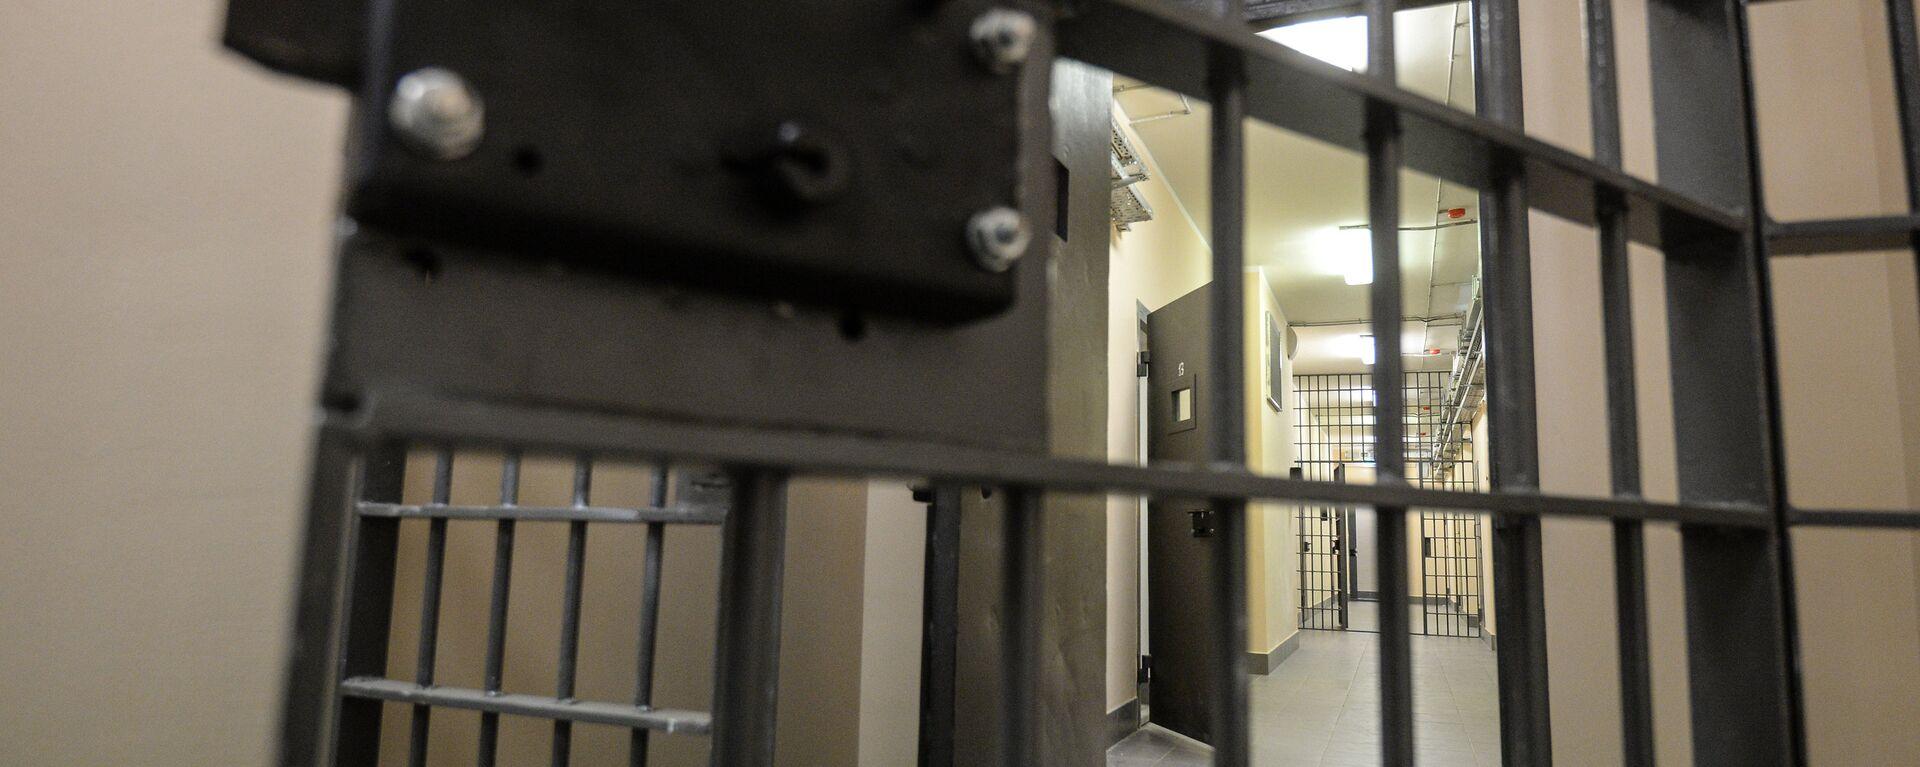 Тюремная дверь, фото из архива - Sputnik Грузия, 1920, 11.10.2021